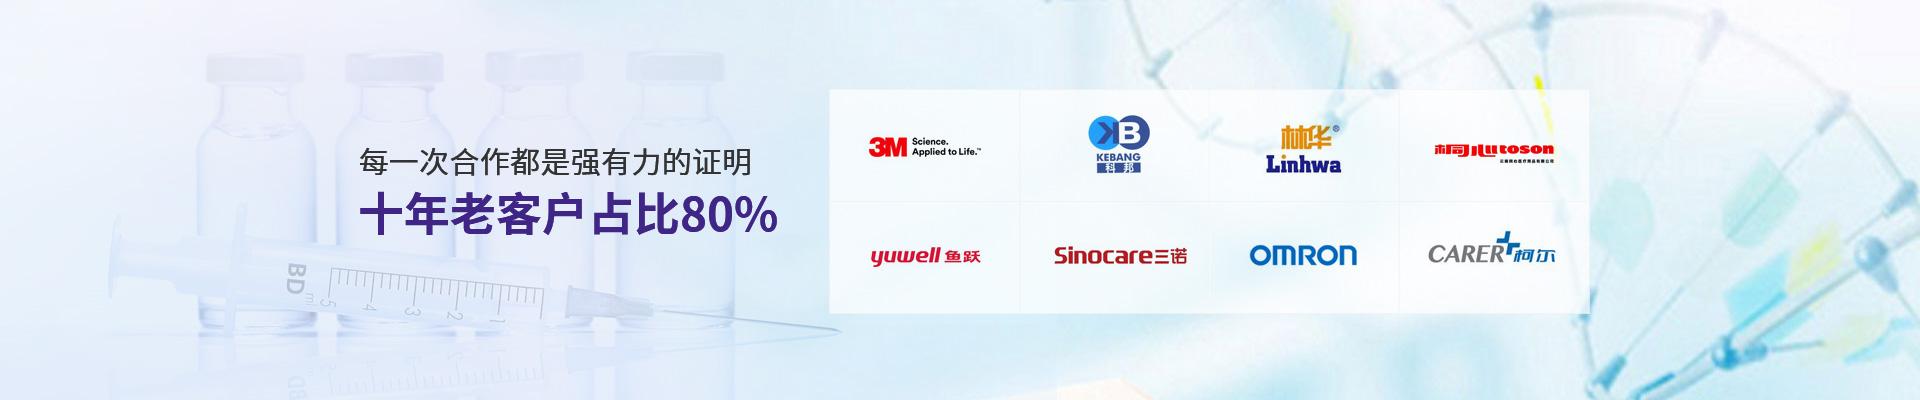 云南仟龙,超过十年的老客户占比是80%  每一次合作都是强有力的证明